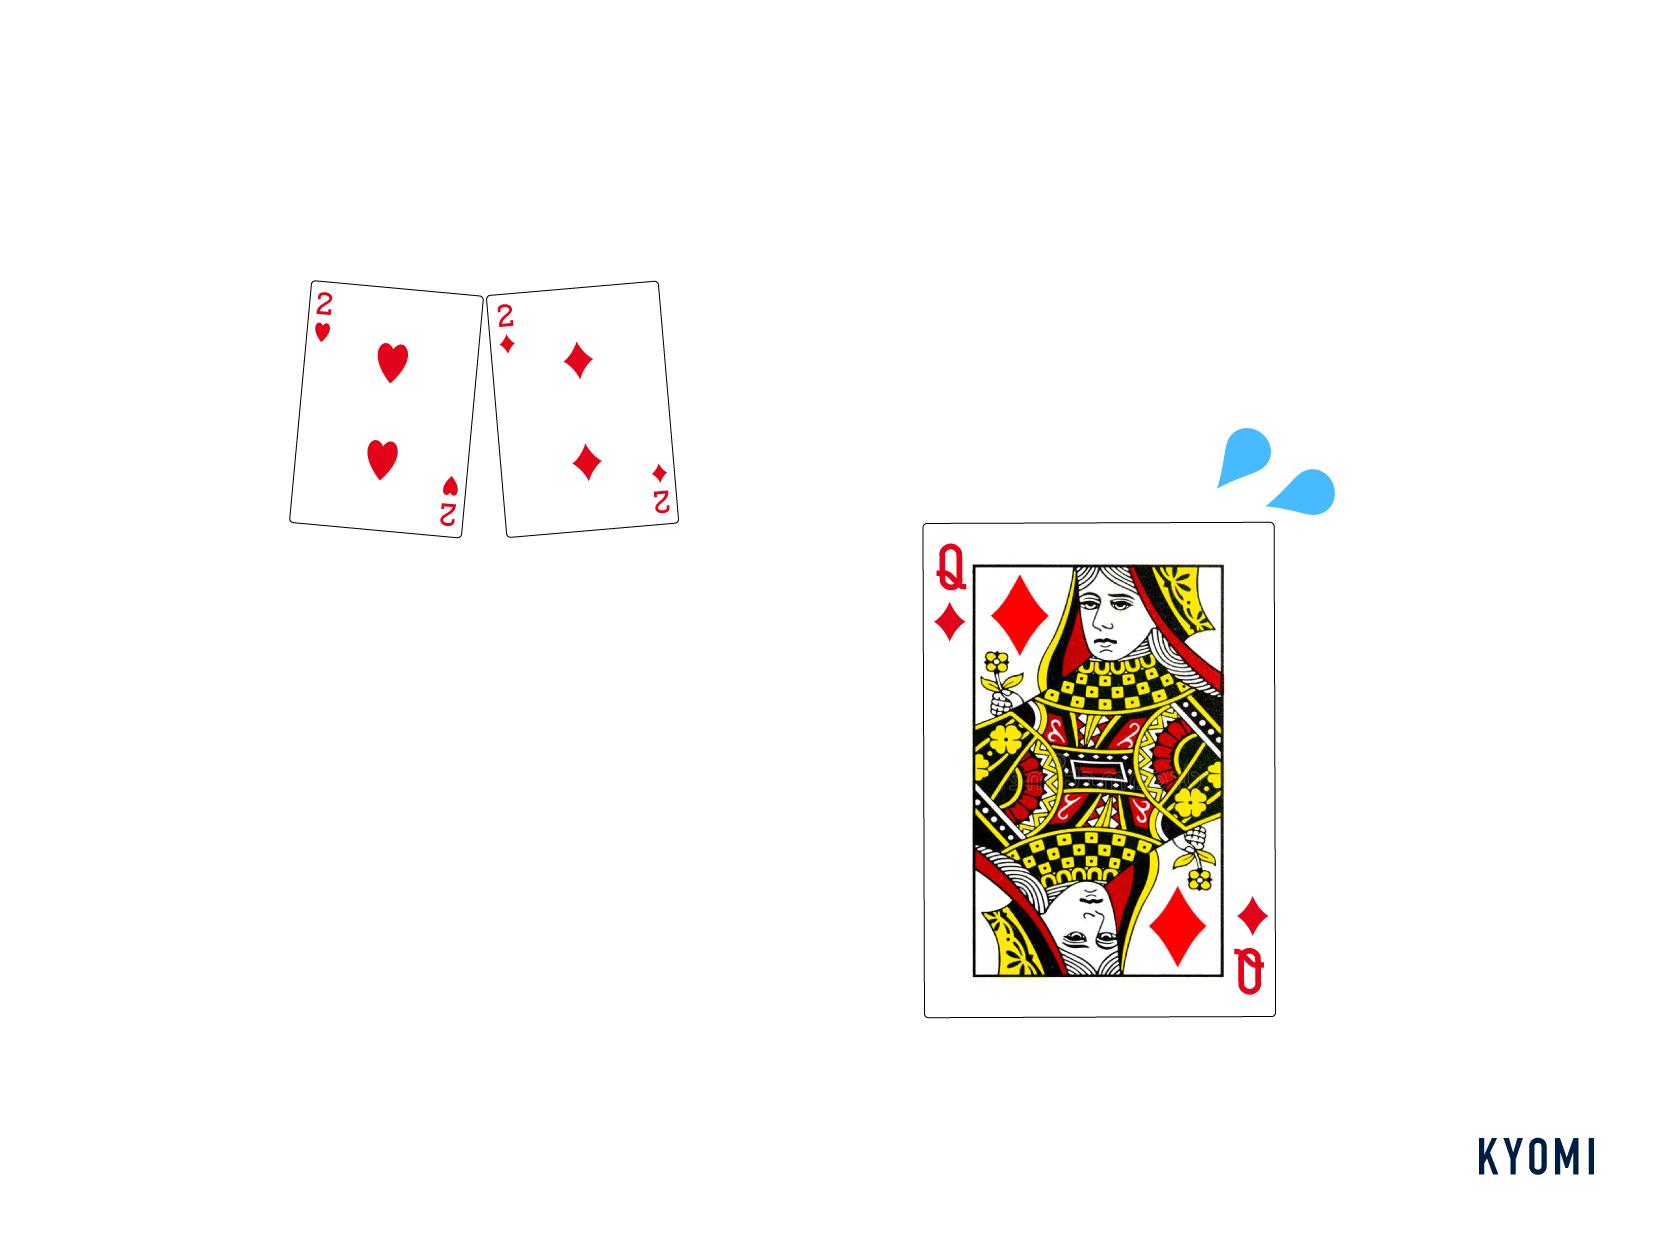 ババ抜き-図-オールドメイドのルール